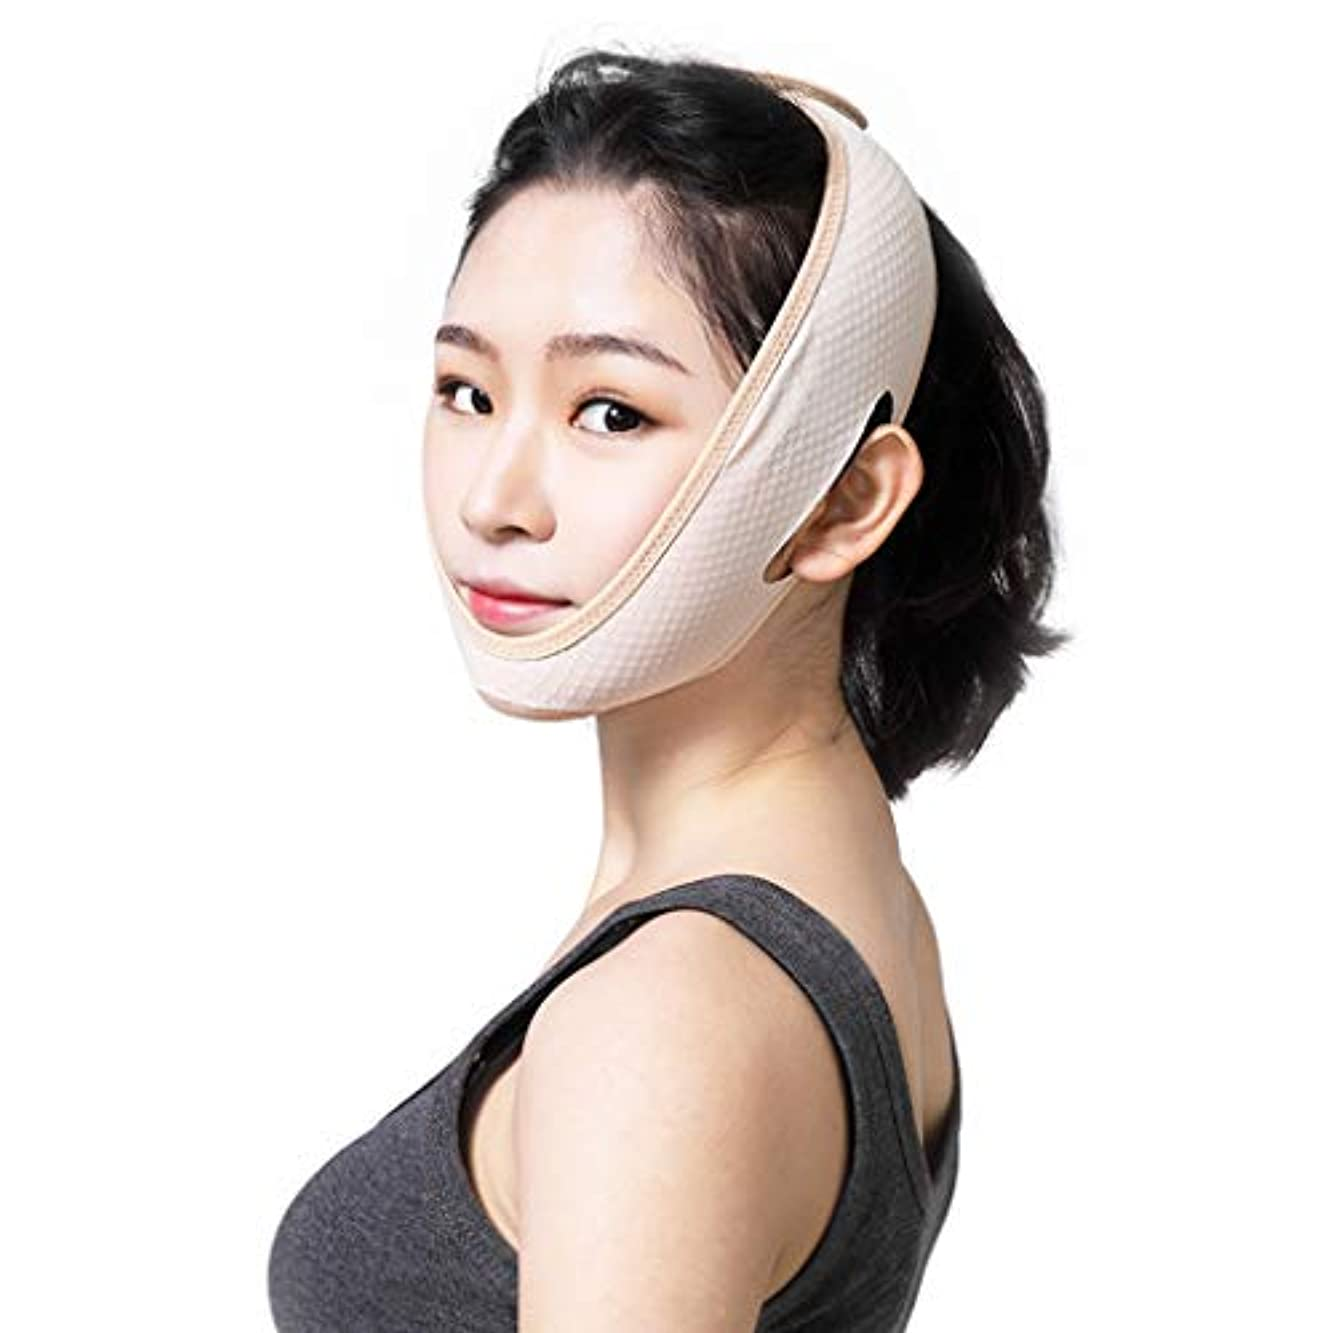 抑止する欺くぐるぐる顔の減量顔 V 顔の薄い二重あごリフト引き締め顔面包帯睡眠マスクマッサージ通気性